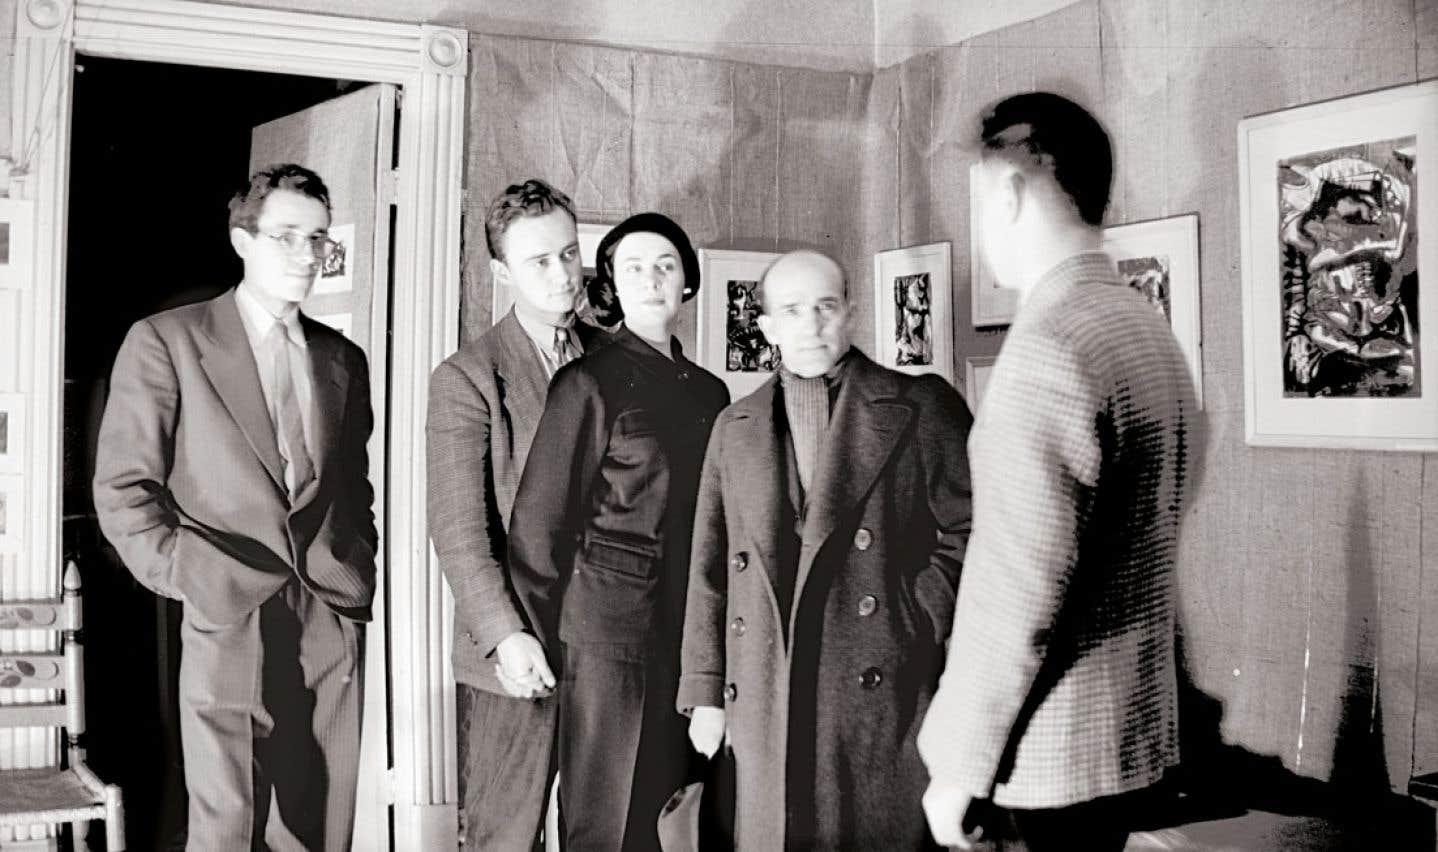 À la seconde exposition des automatistes se sont retrouvés Marcel Barbeau, Pierre Gauvreau, Madeleine Arbour, Paul-Émile Borduas et Claude Gauvreau, des artistes qui avaient établi leur atelier dans le Plateau.